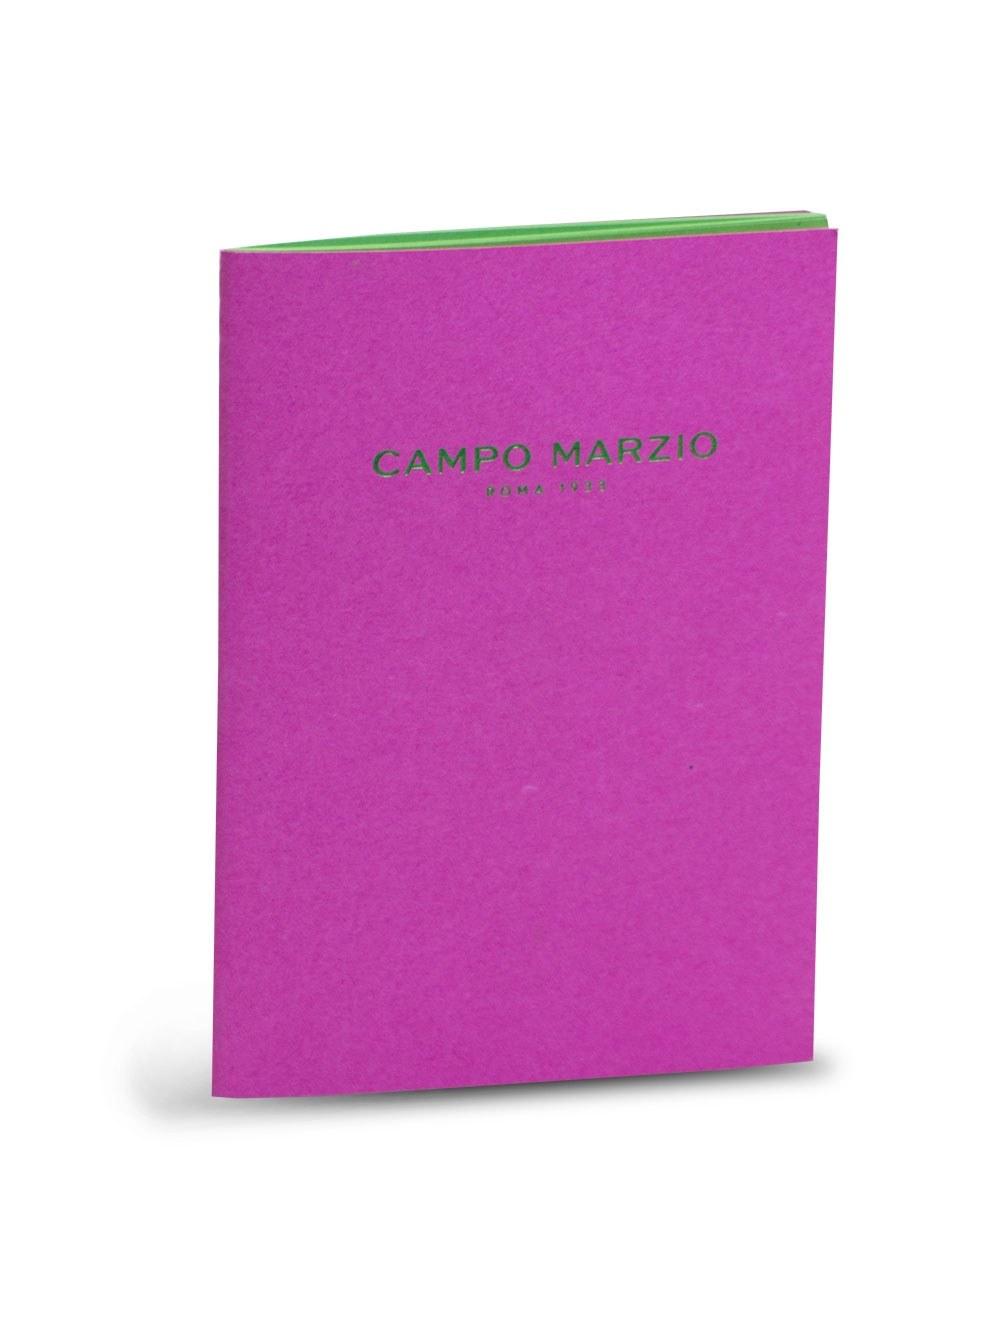 Medium Book Campo Marzio - Hot Pink